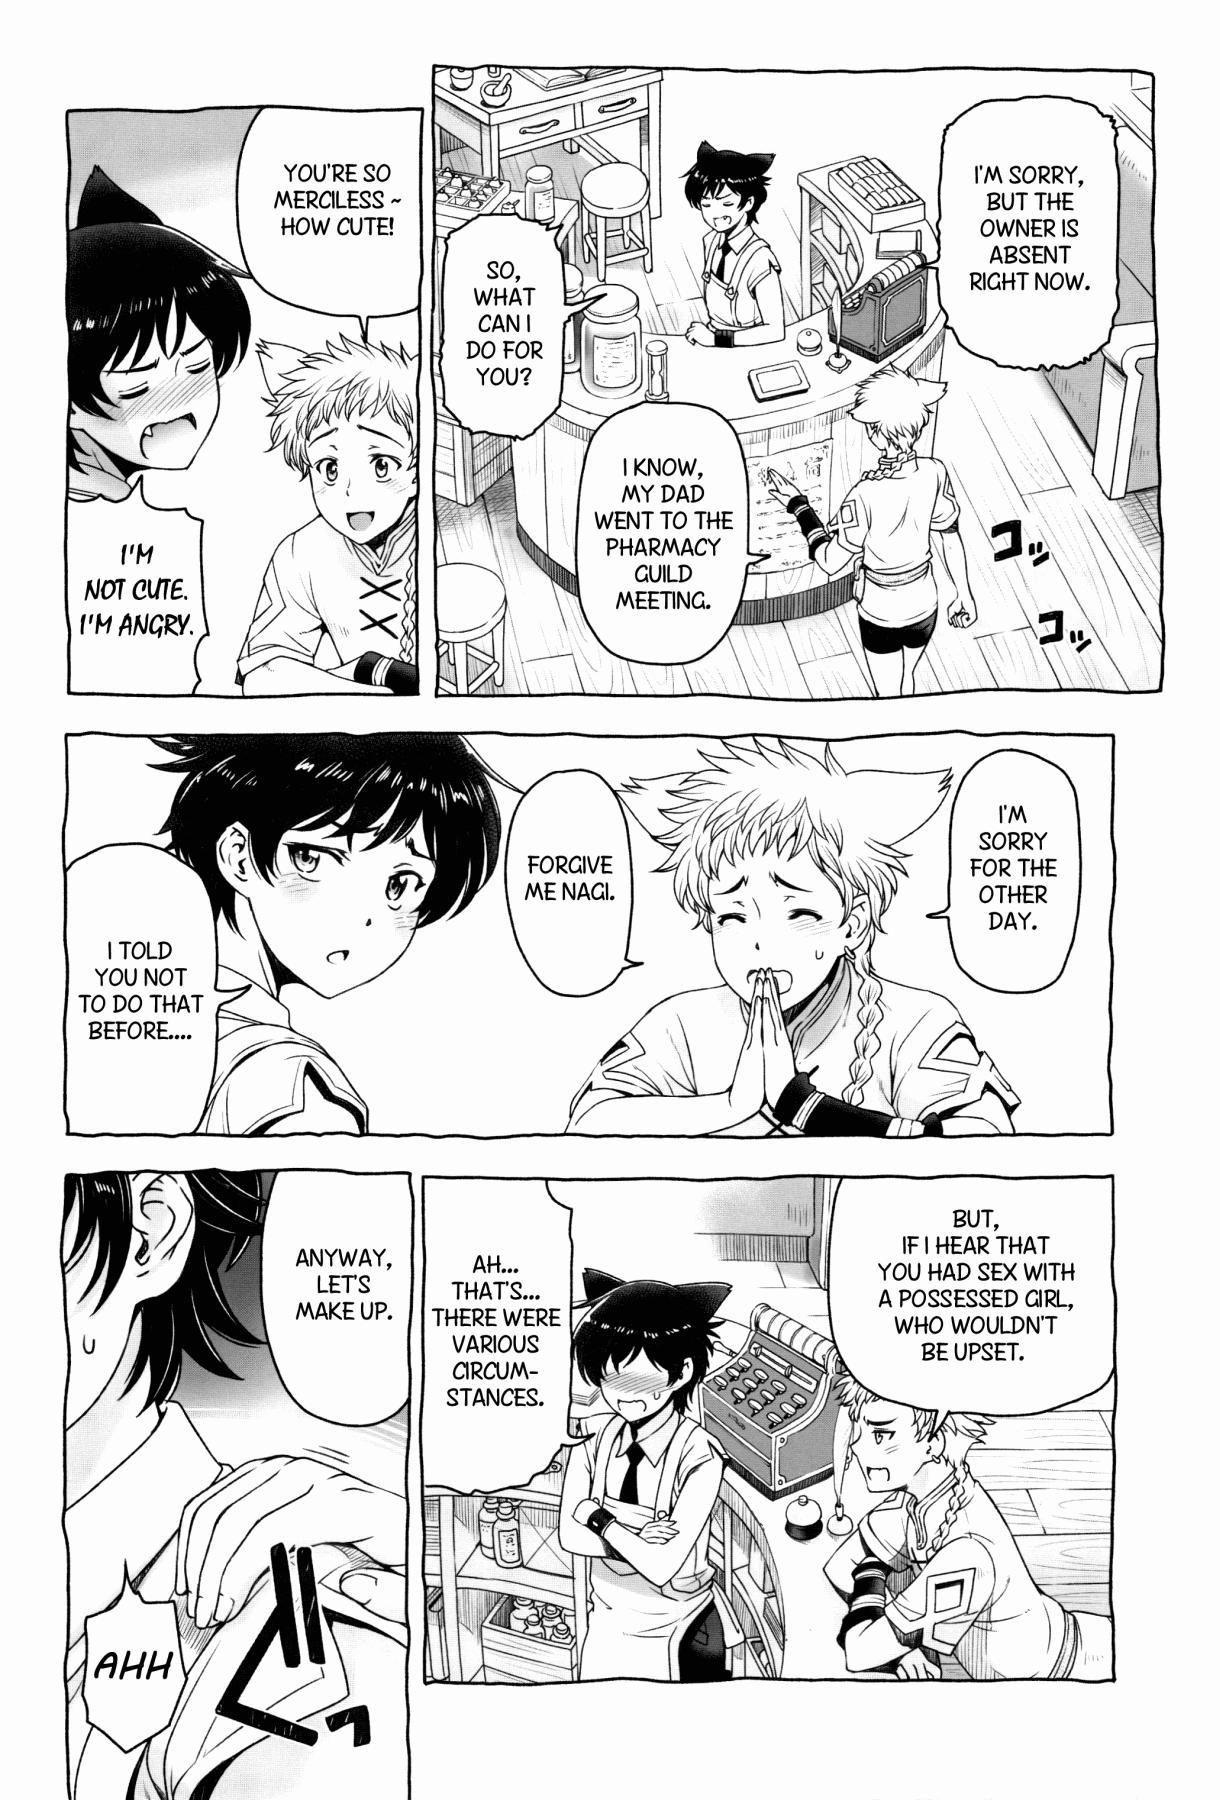 Shounen-tachi no Gogo | Boys Afternoon 4